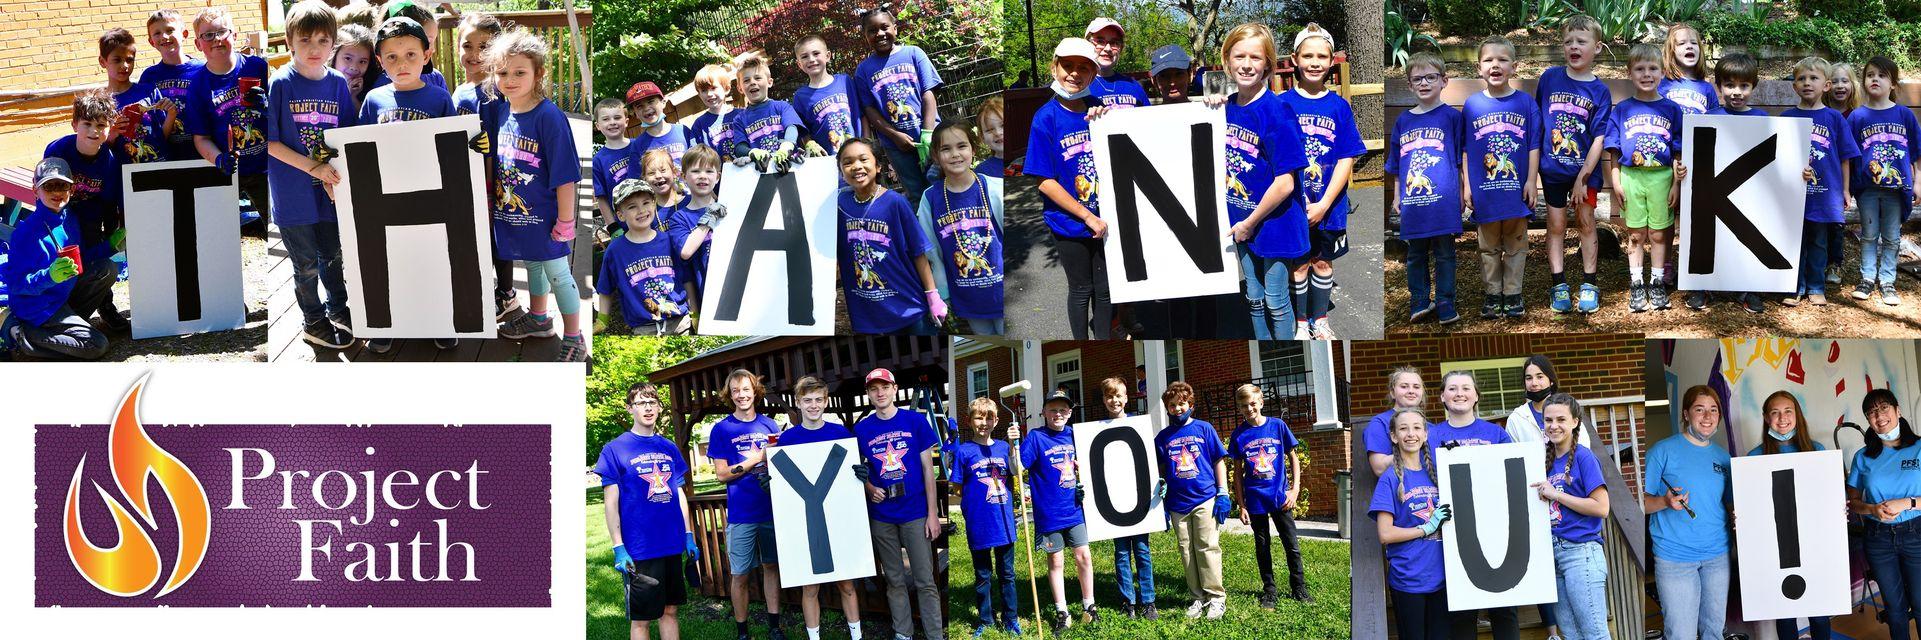 Faith Christian School Project Faith Thank You